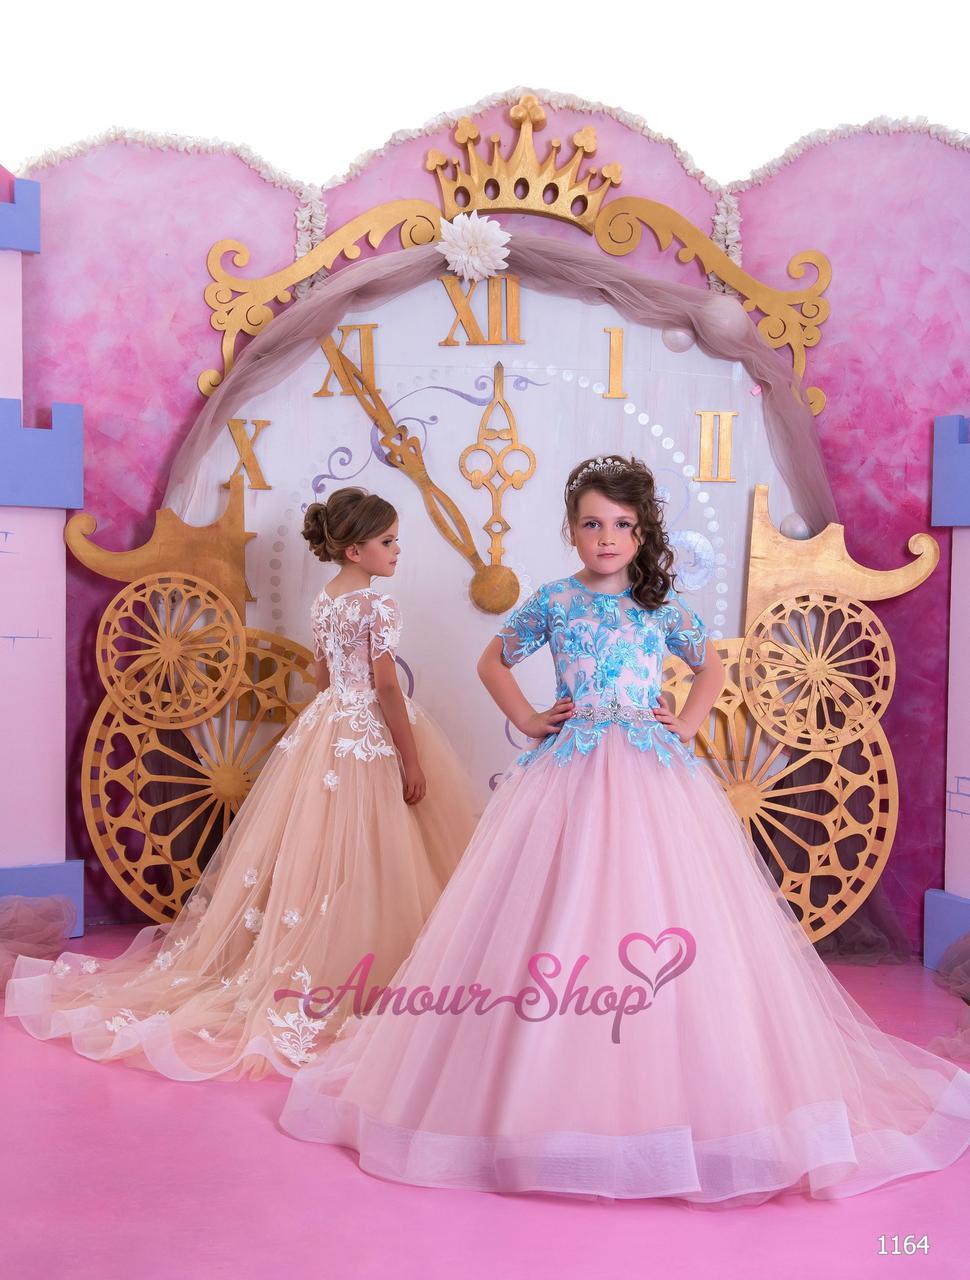 Дитяча випускне плаття на дівчинку 4,5,6,7,8,9,10,11 років (у садок, 4 клас), 1164